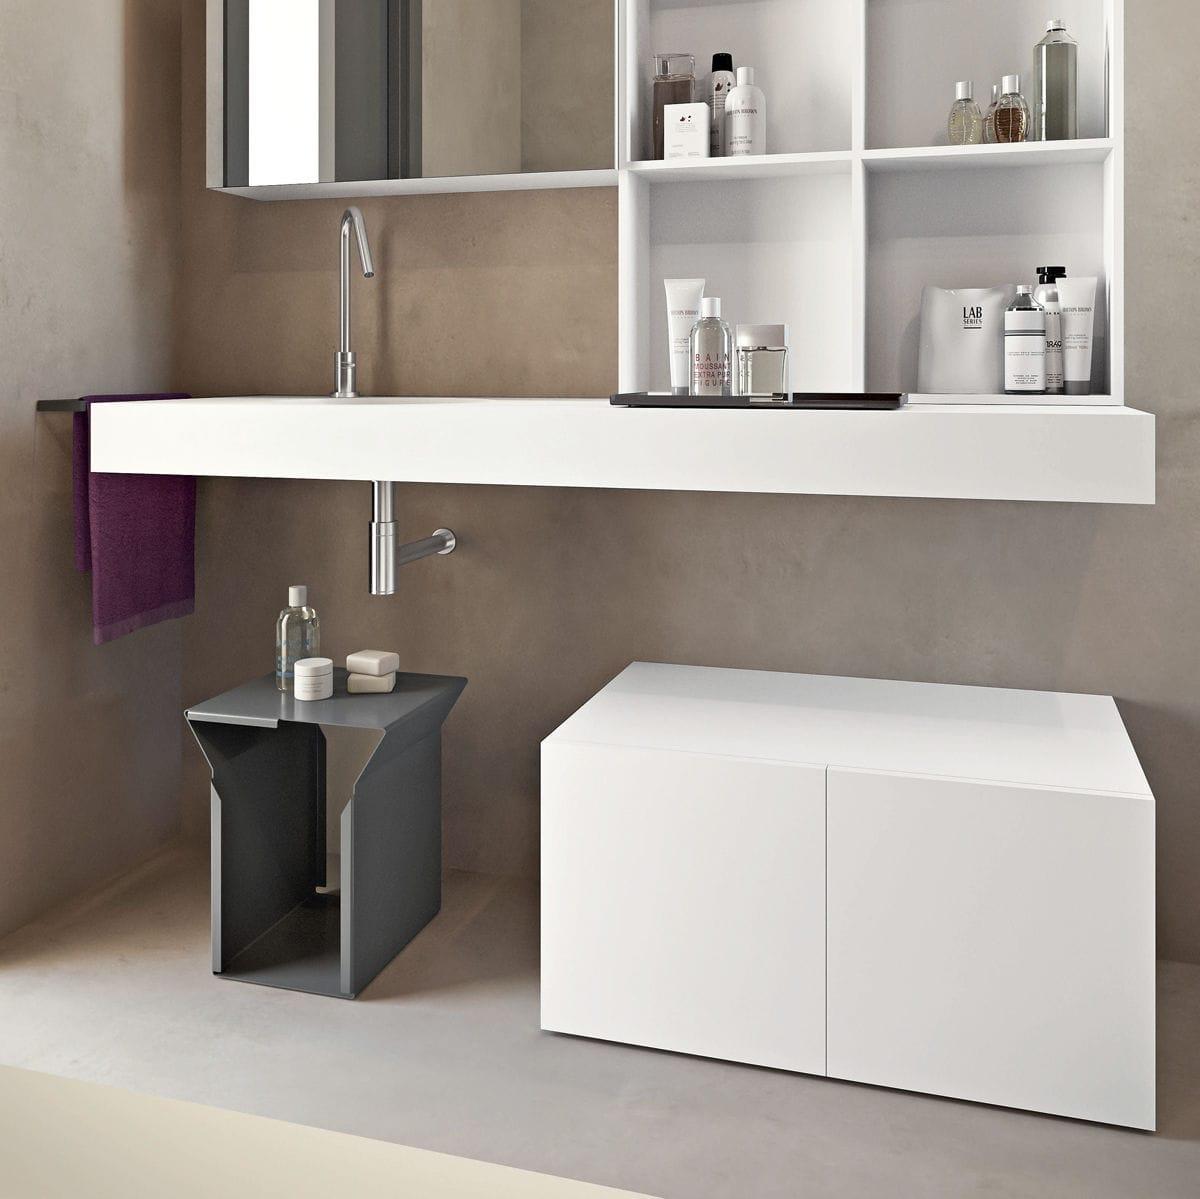 Piano Lavabo In Corian piano lavabo doppio - flat - makro - in vetro / in corian®